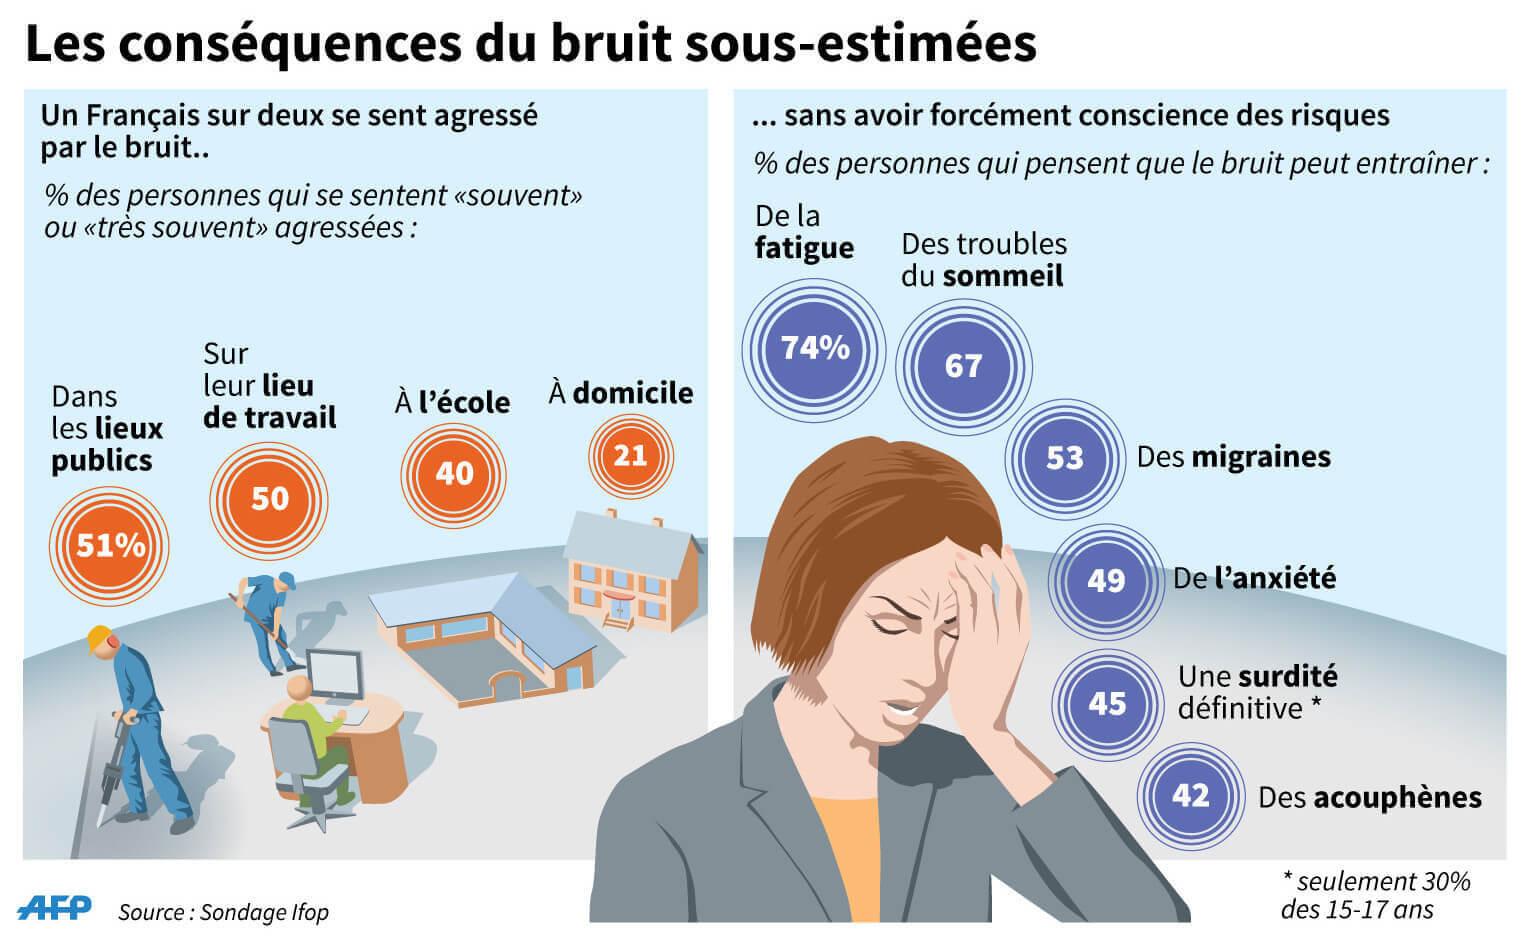 Agressions et conséquences du bruit sur la santé